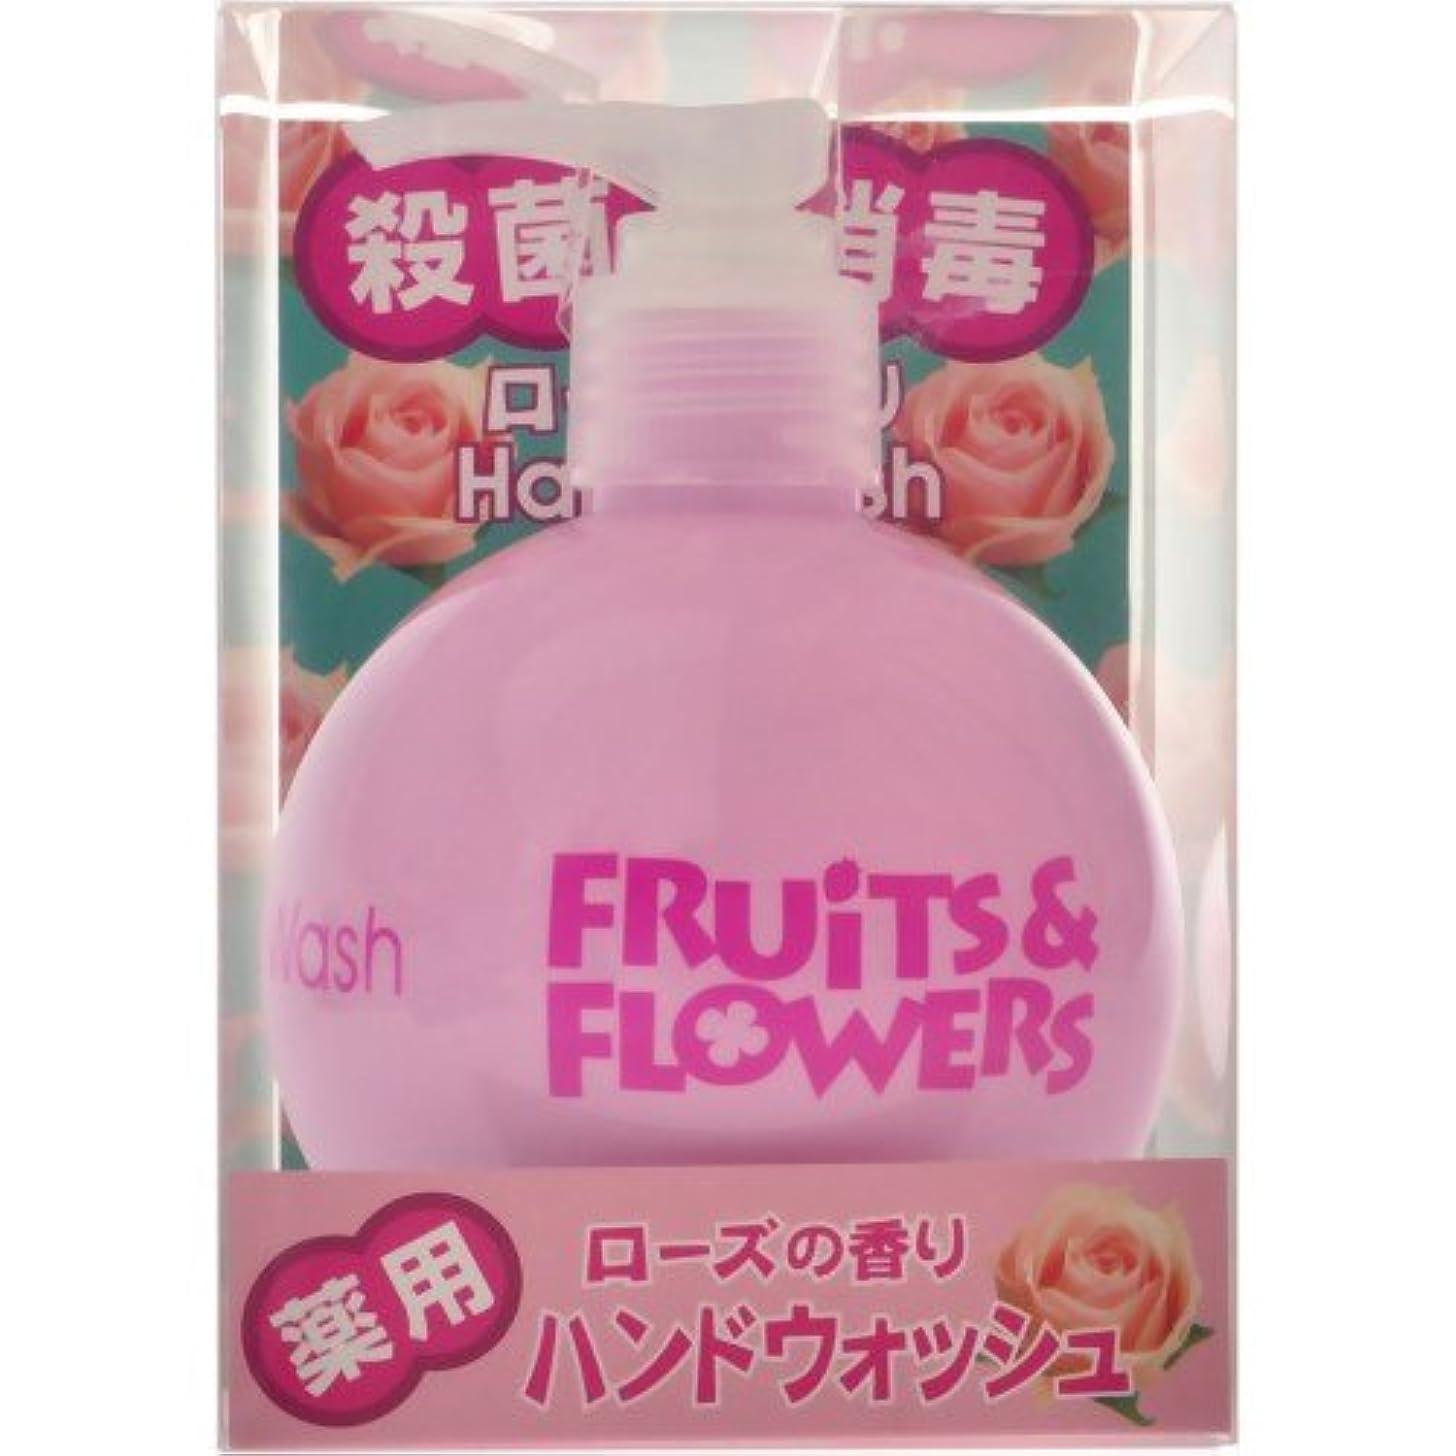 櫛提供特にフルーツ&フラワー ハンドウォッシュ ローズの香り